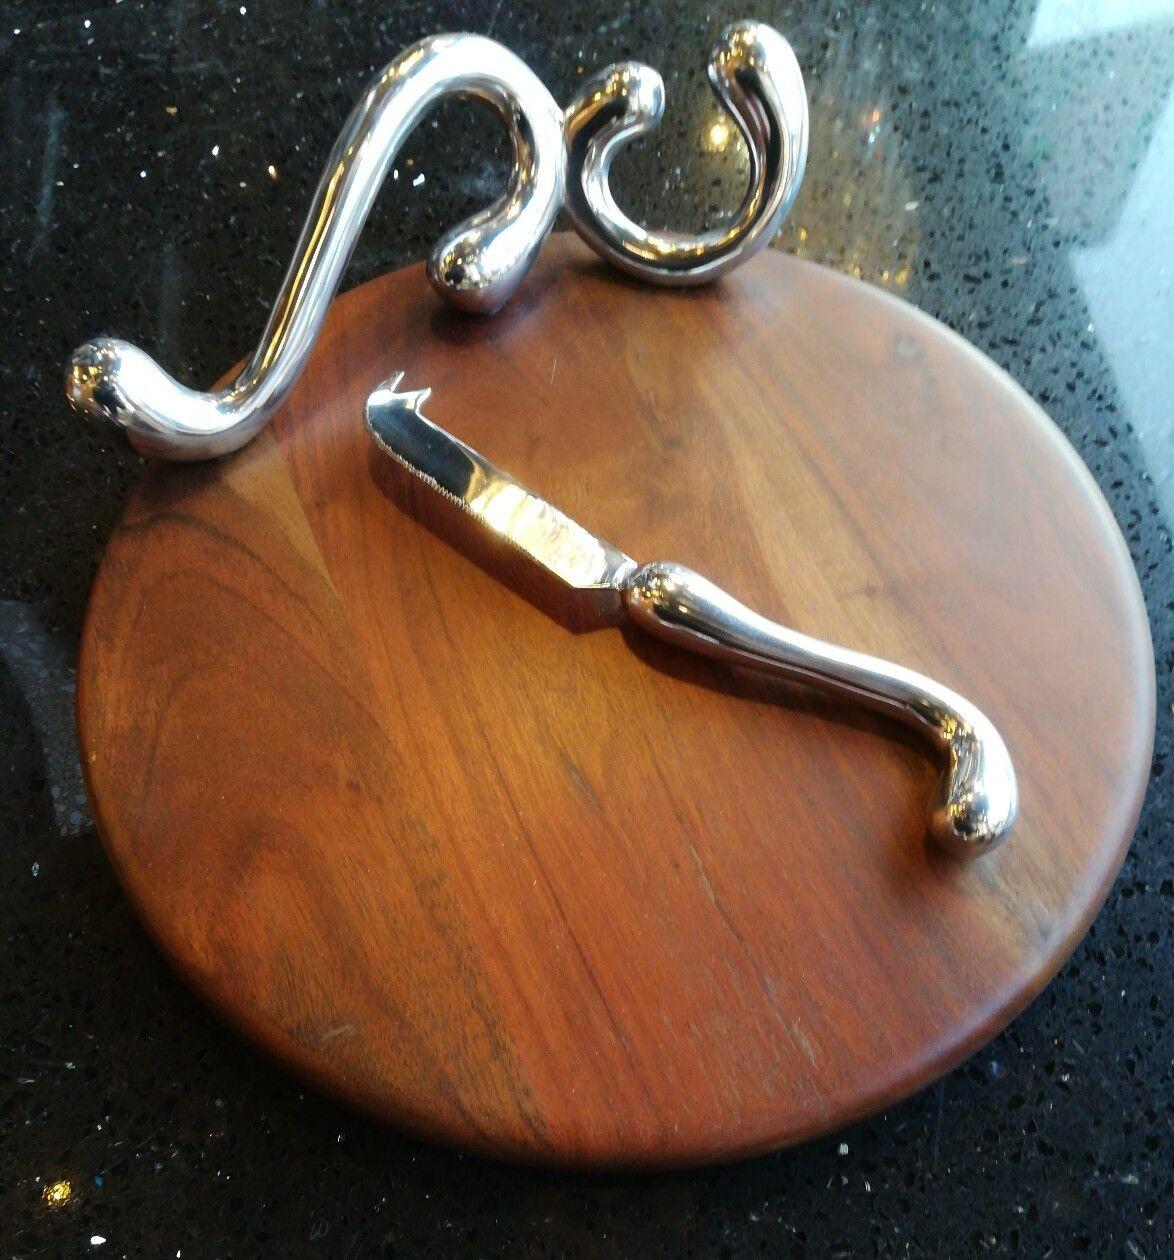 Endon ferenza Cheese Board & Knife & imposta in alluminio lucido legno Sheesham